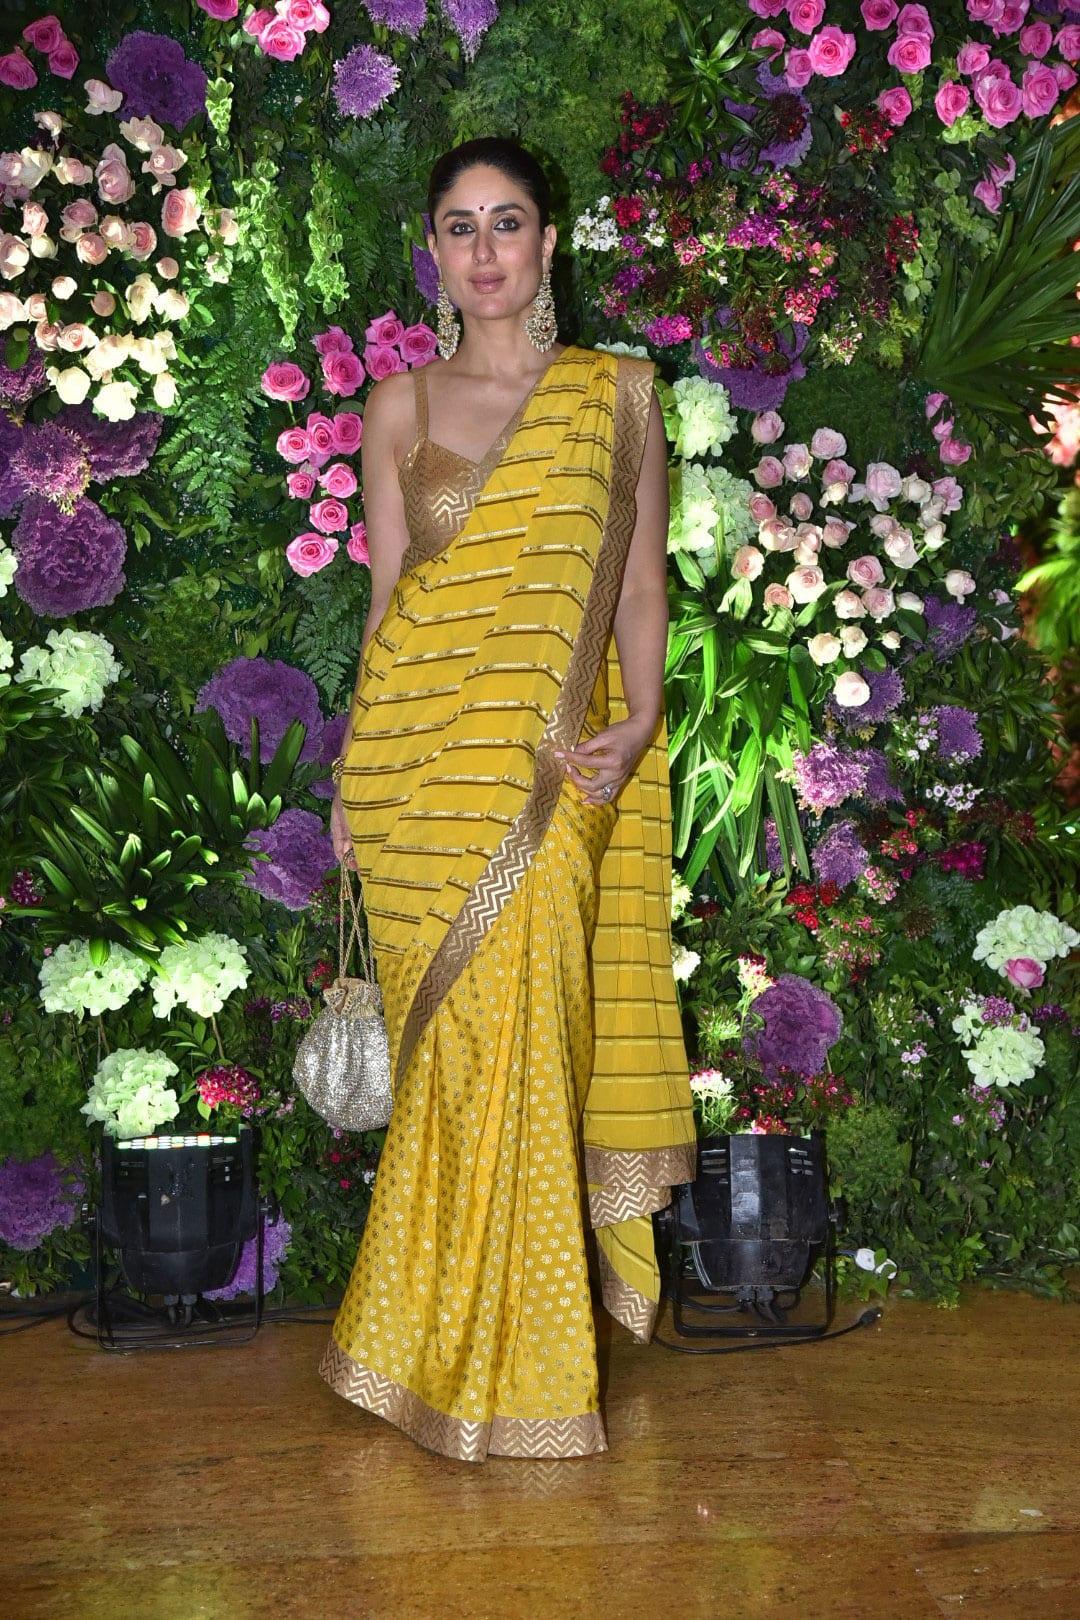 Kareena Kapoor looks stunning in a yellow saree